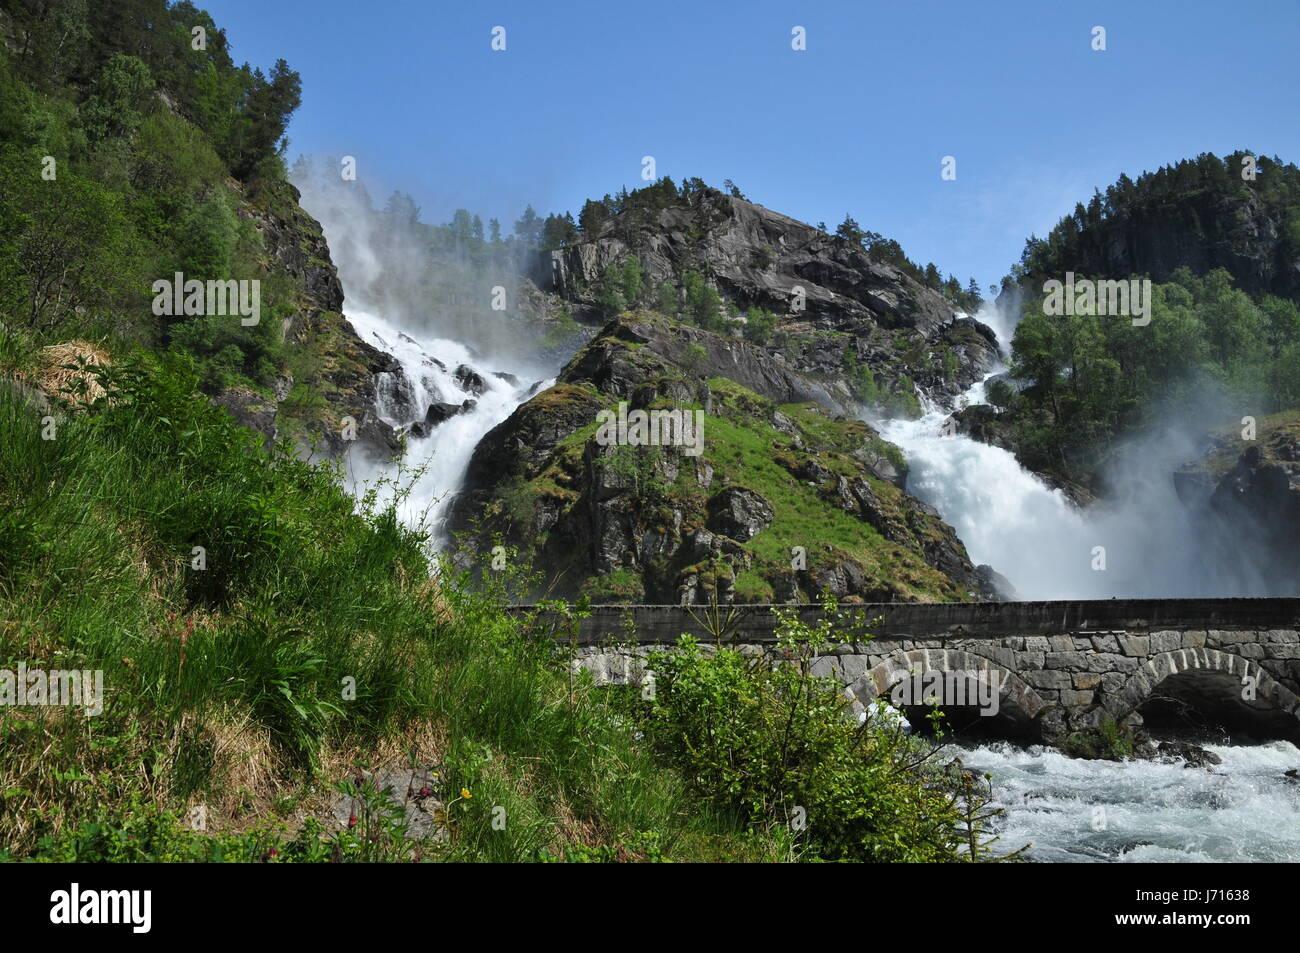 Casa vacanze vacanze vacanze ponte di roccia del flusso di caduta ponte arcuato Foto Stock